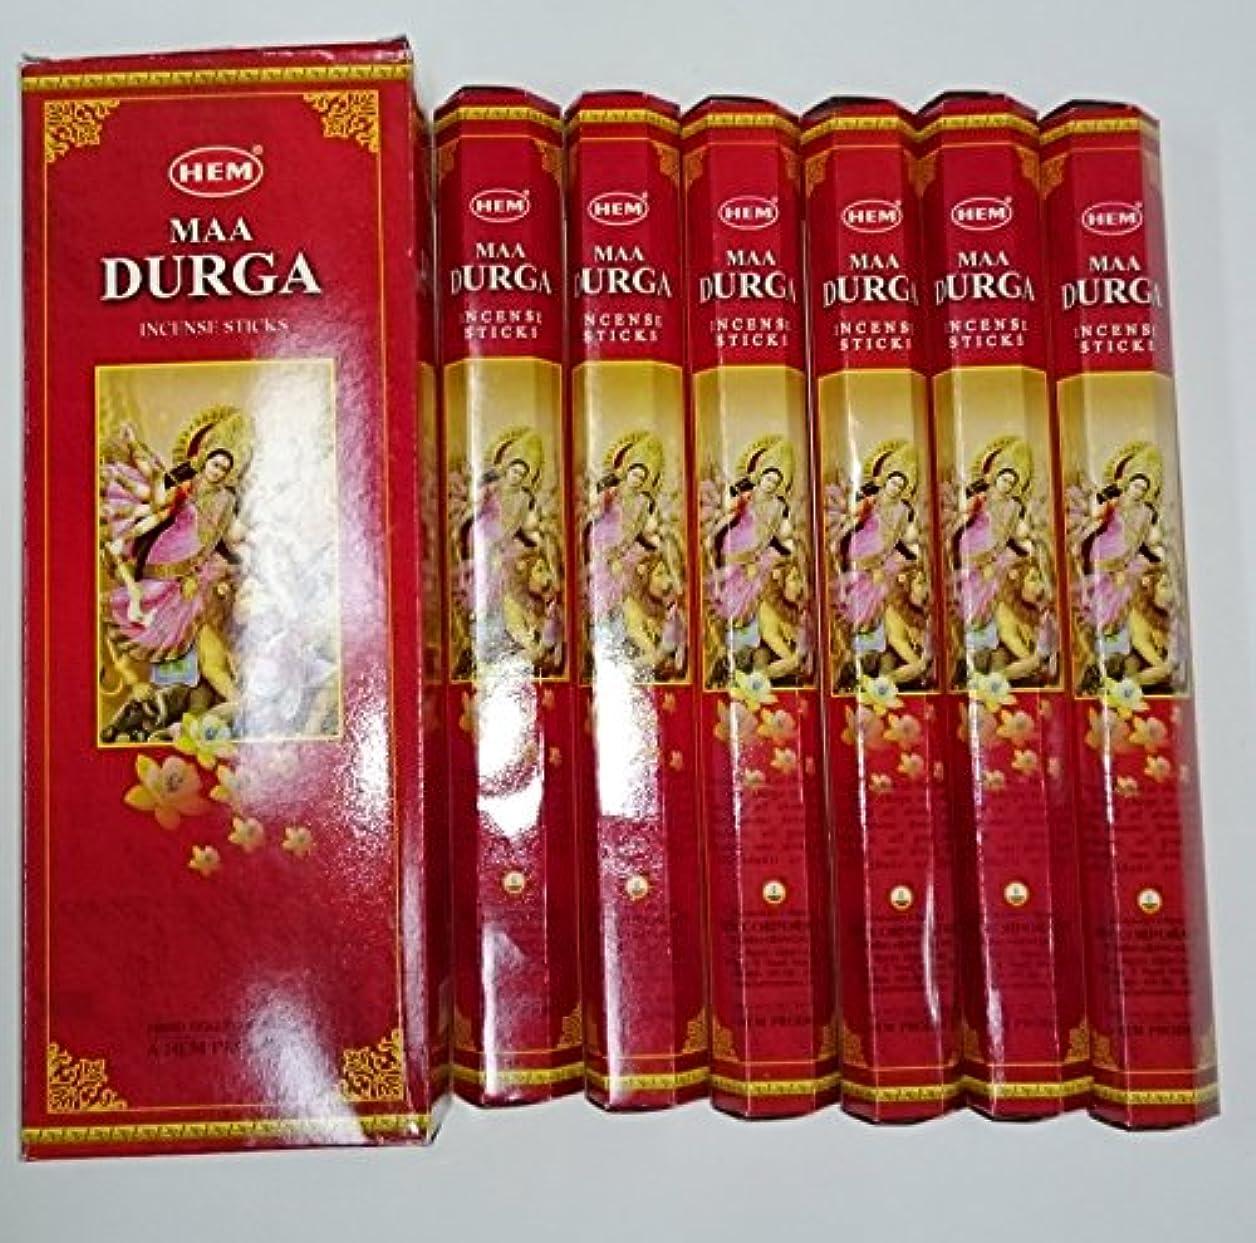 農奴カリキュラム部分HEM(ヘム) スティックお香 六角香 ヘキサパック ドゥルガー香 6角(20本入)x6箱[並行輸入品]DURGA